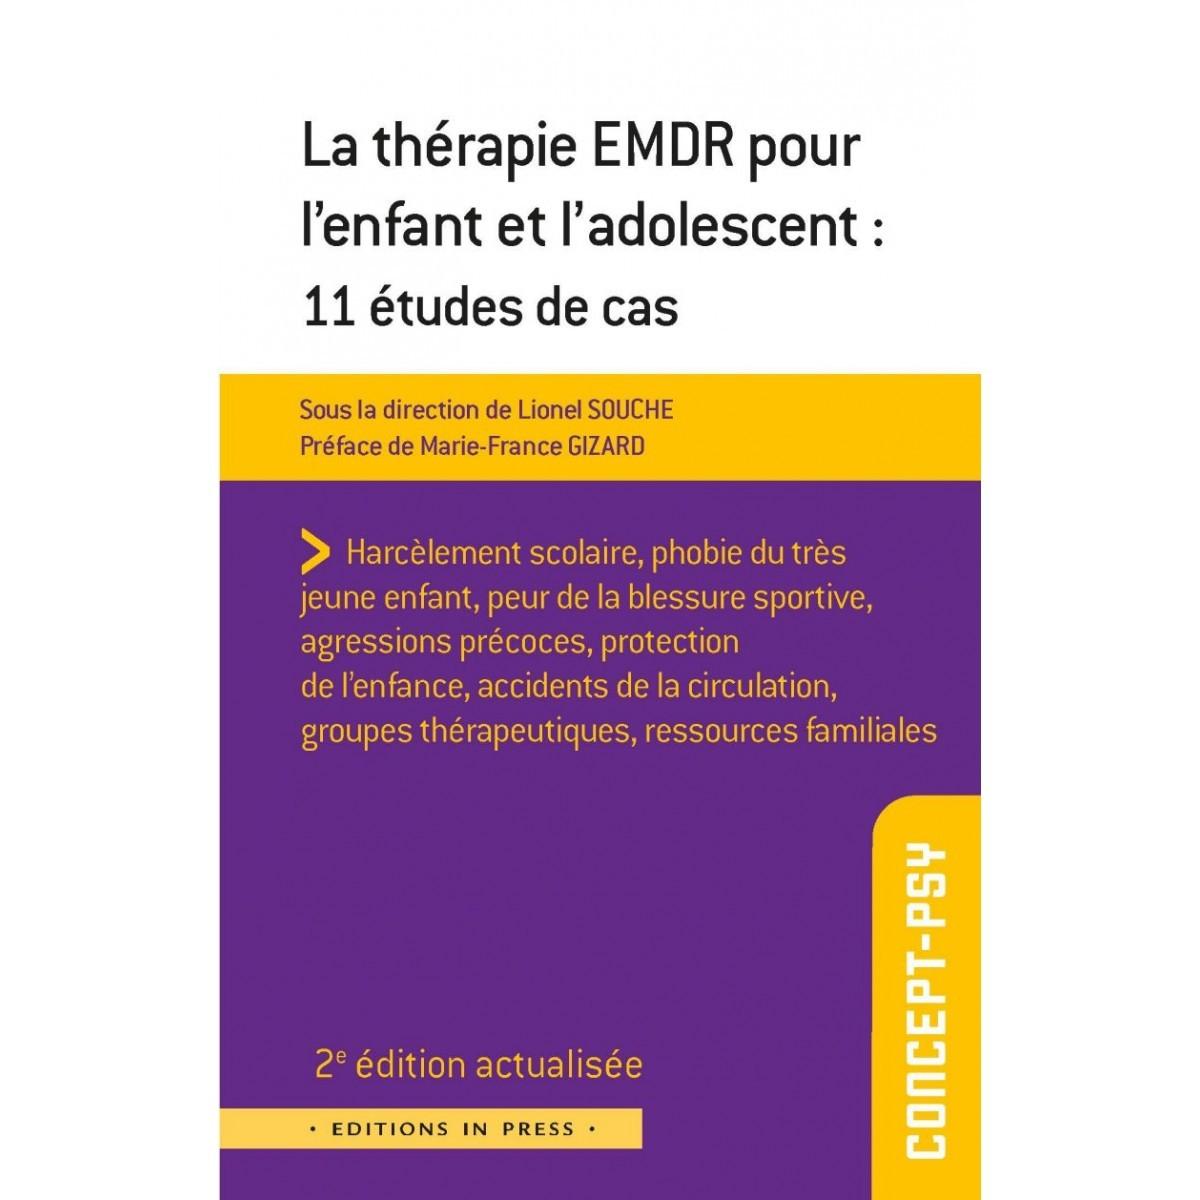 La thérapie EMDR pour l'enfant et l'adolescent : 11 études de cas